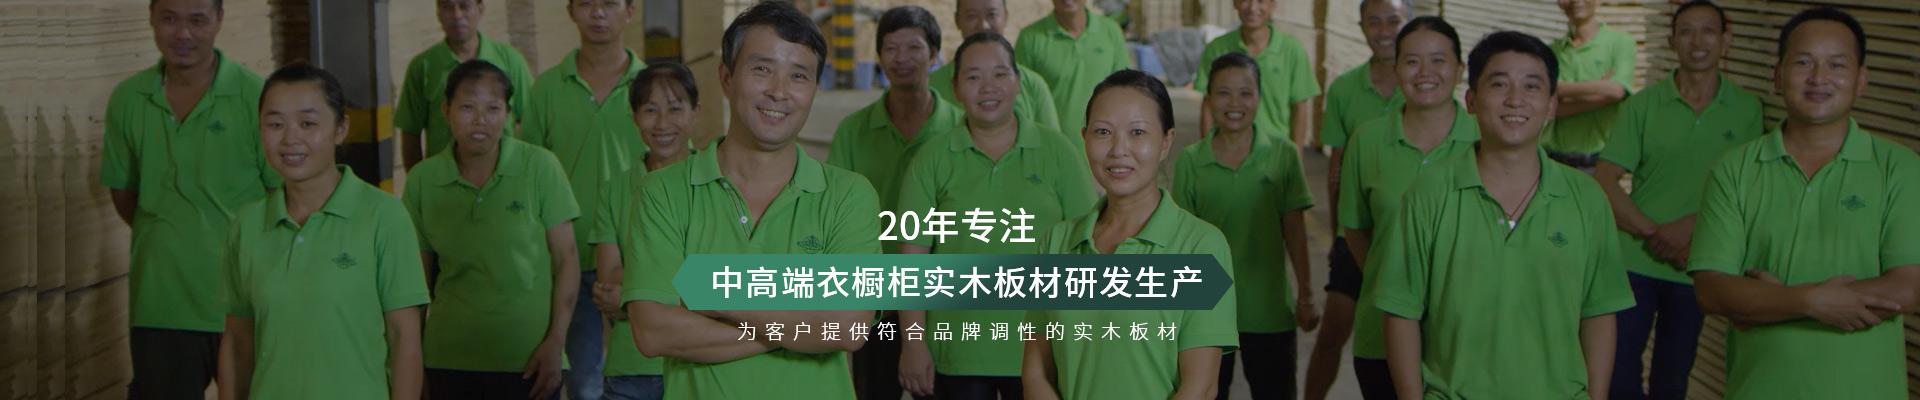 松博宇-20年专注中高端衣橱柜实木板材研发生产